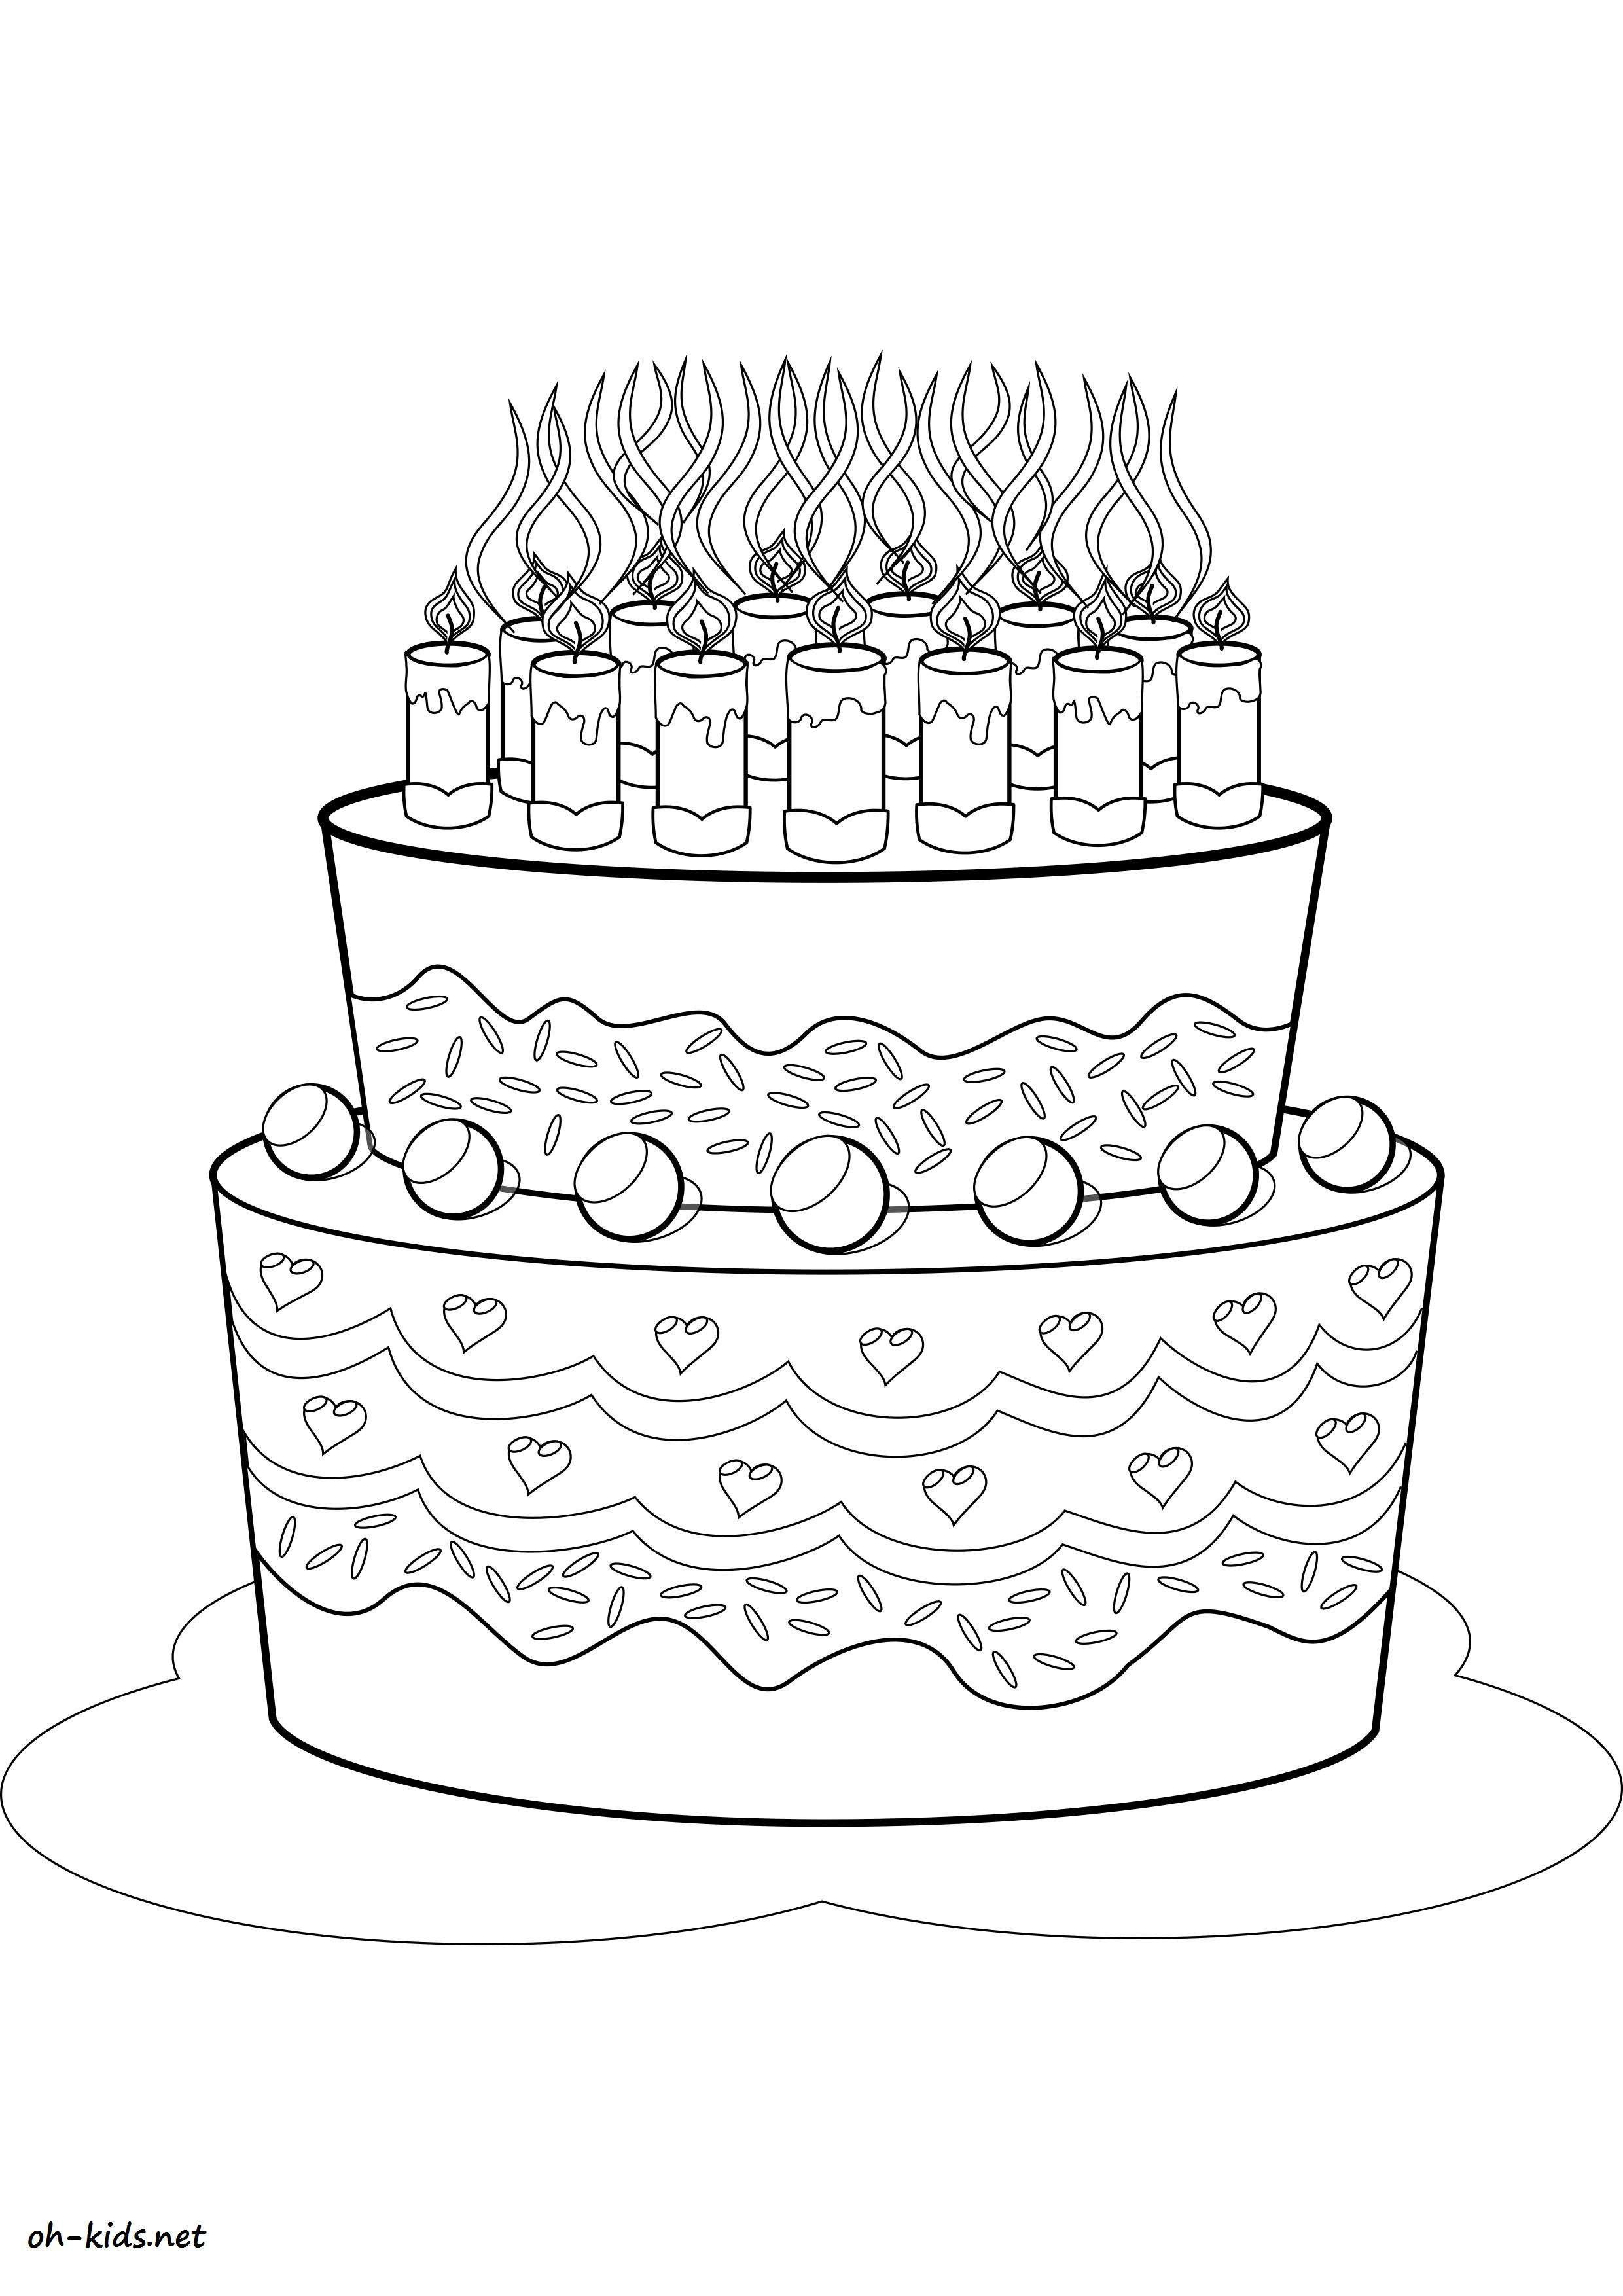 un joli coloriage gâteau anniversaire - Dessin #1161